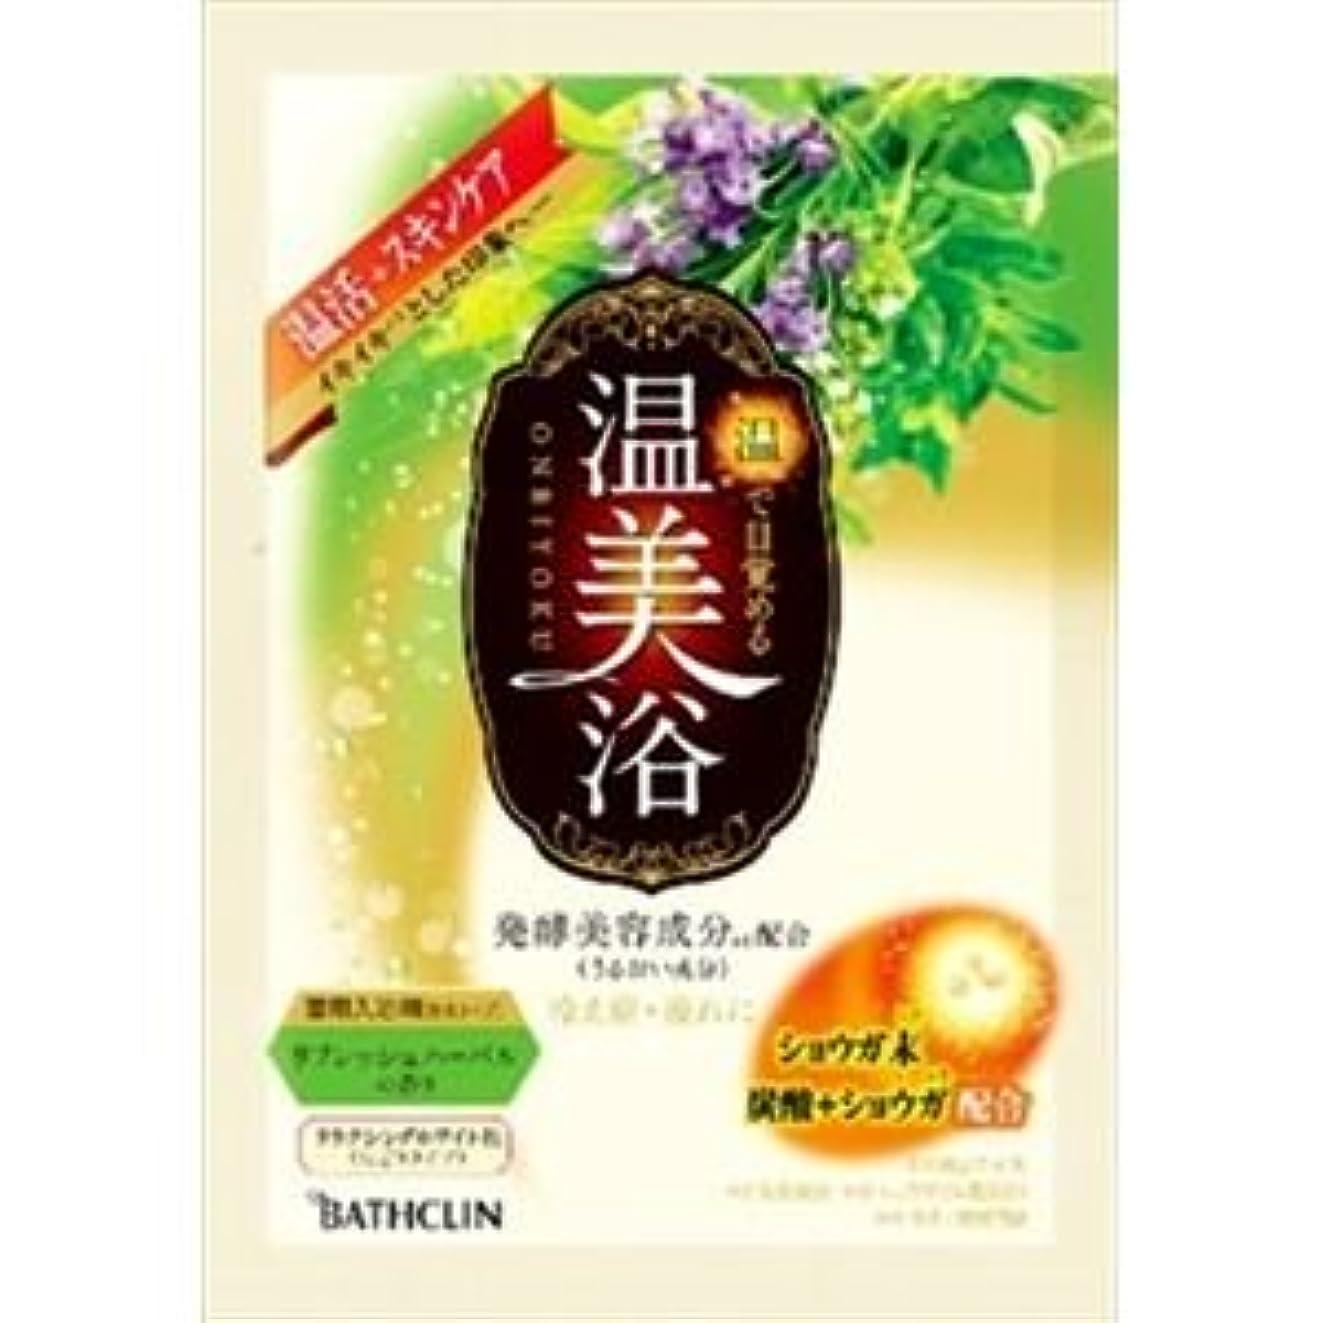 ローン赤道休日(まとめ)バスクリン 温美浴 リフレッシュハーバルの香り 40g 【×6点セット】